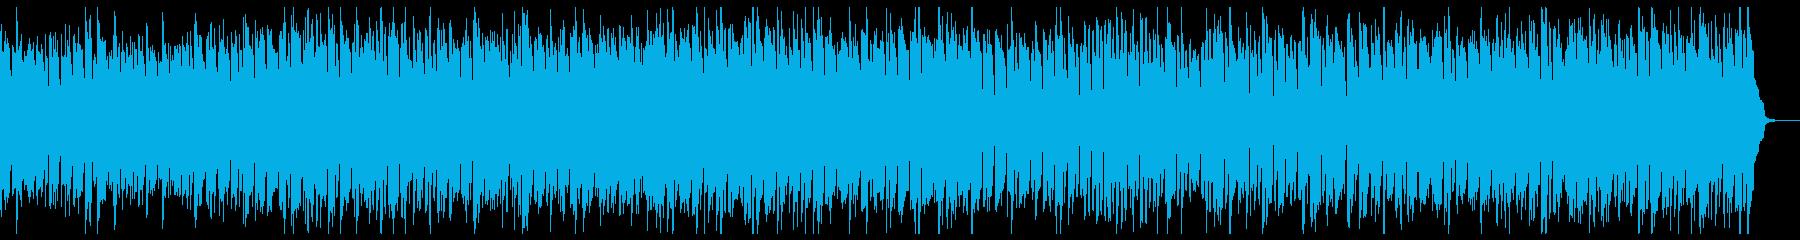 バイエル風・明るいワルツ・こども・ペットの再生済みの波形